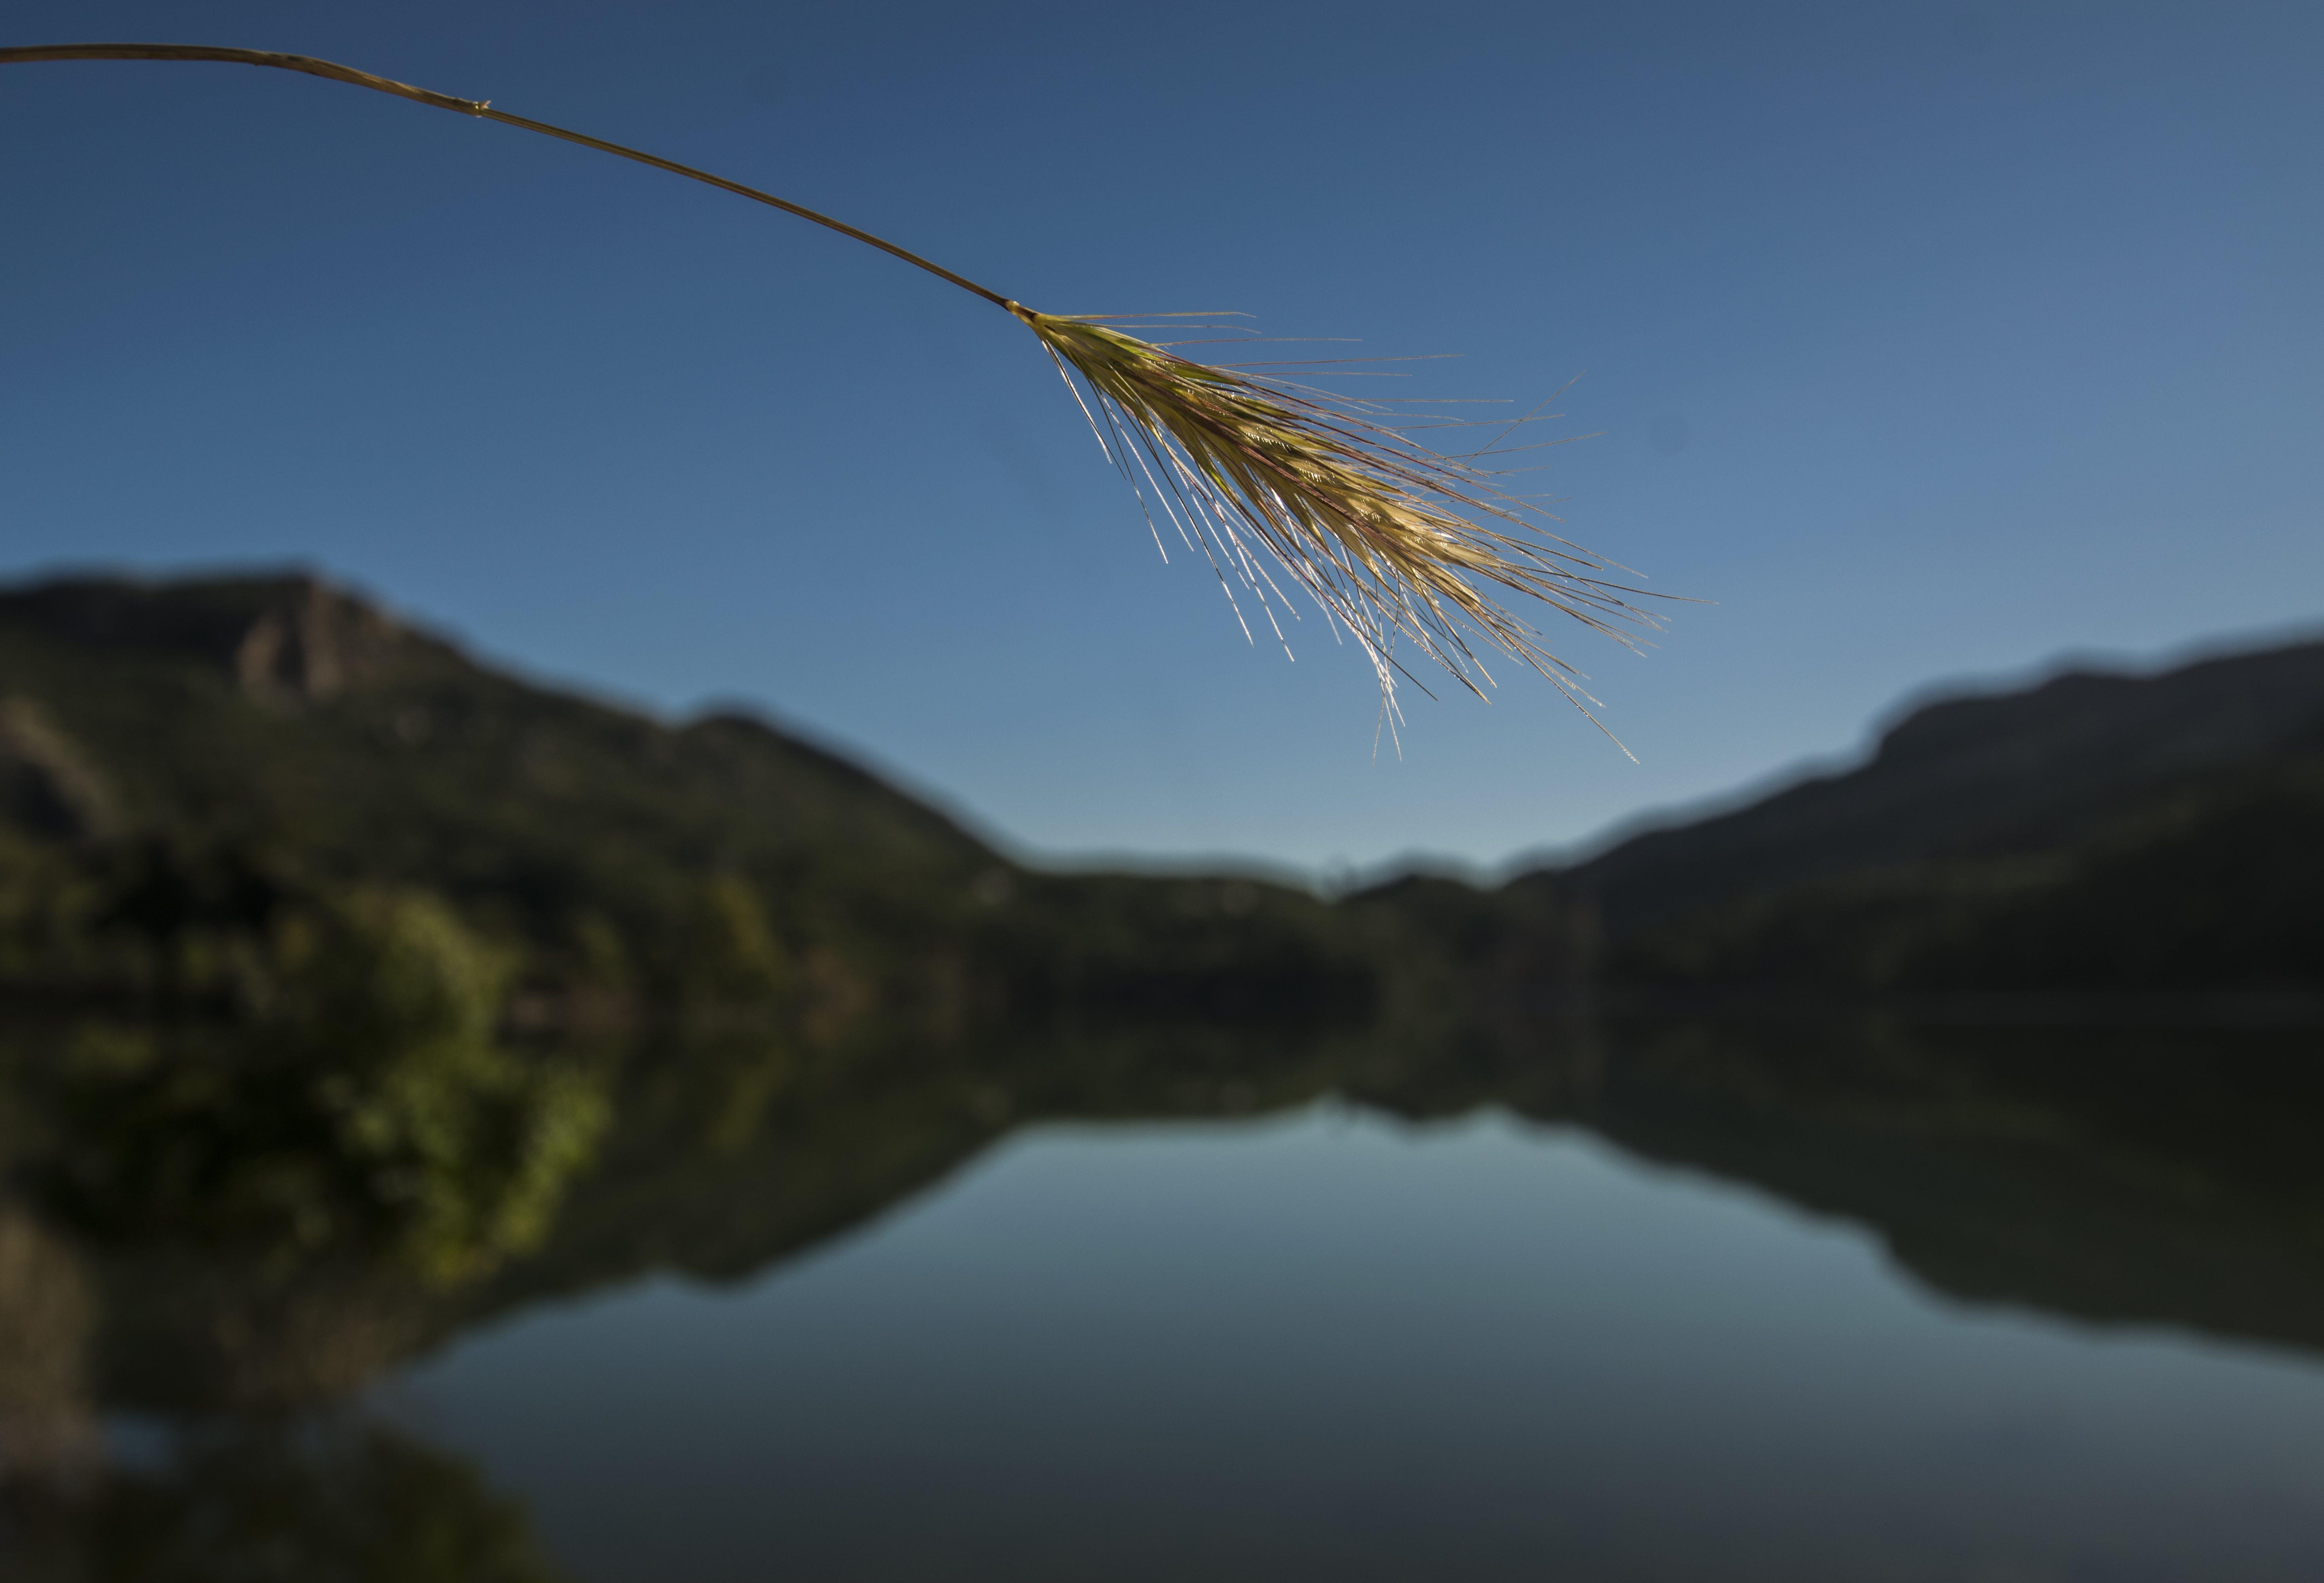 landskab, refleksion, vand